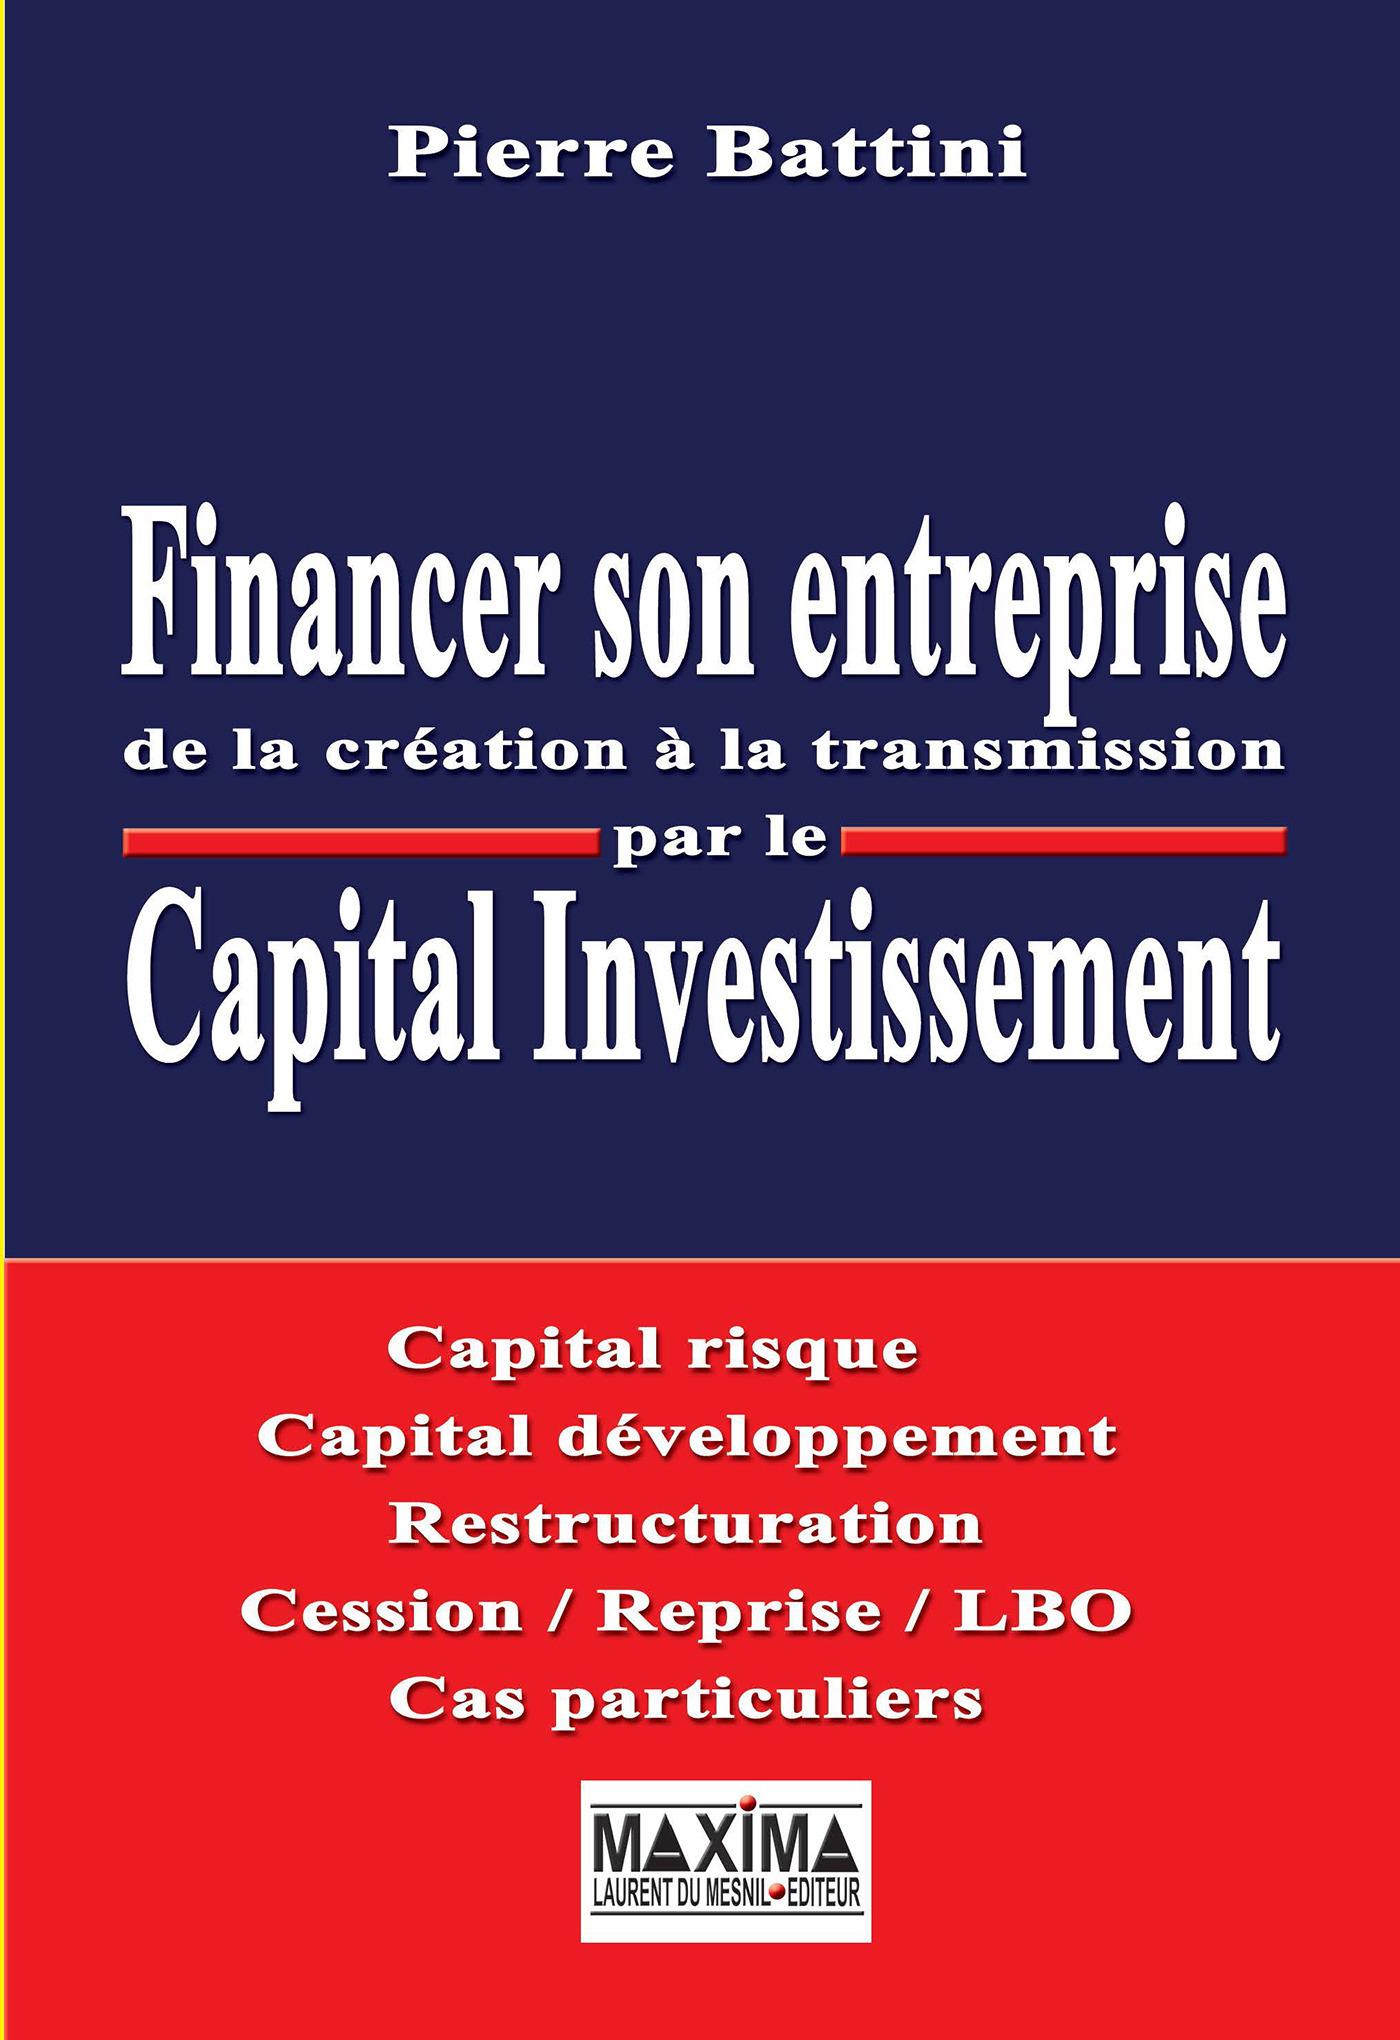 Financer son entreprise par le capital investissement